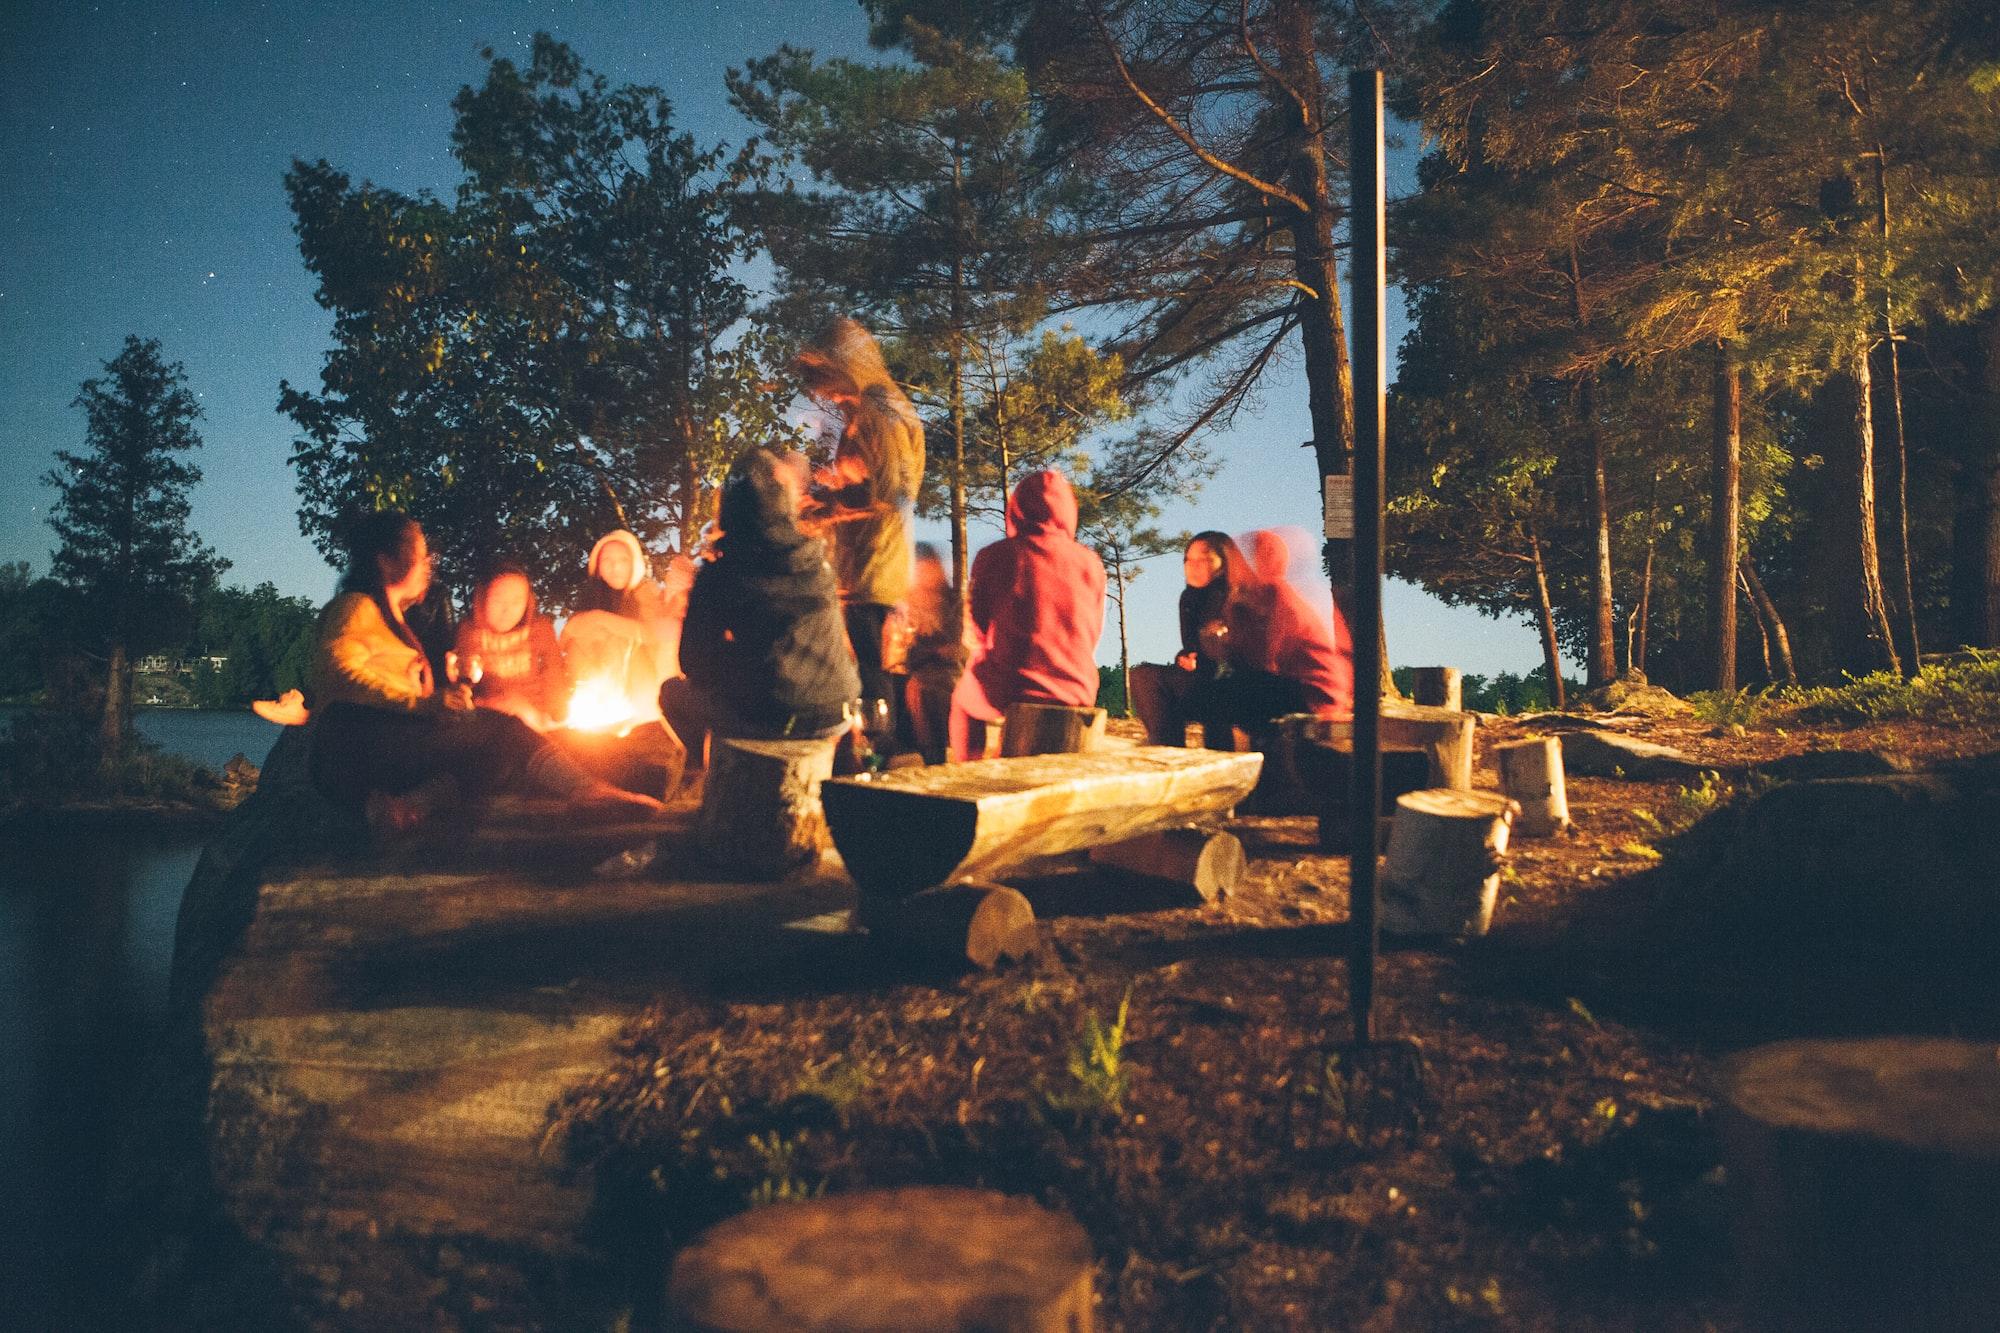 卑诗实施篝火禁令露营小心防火 如何预定营地及装备清单推荐